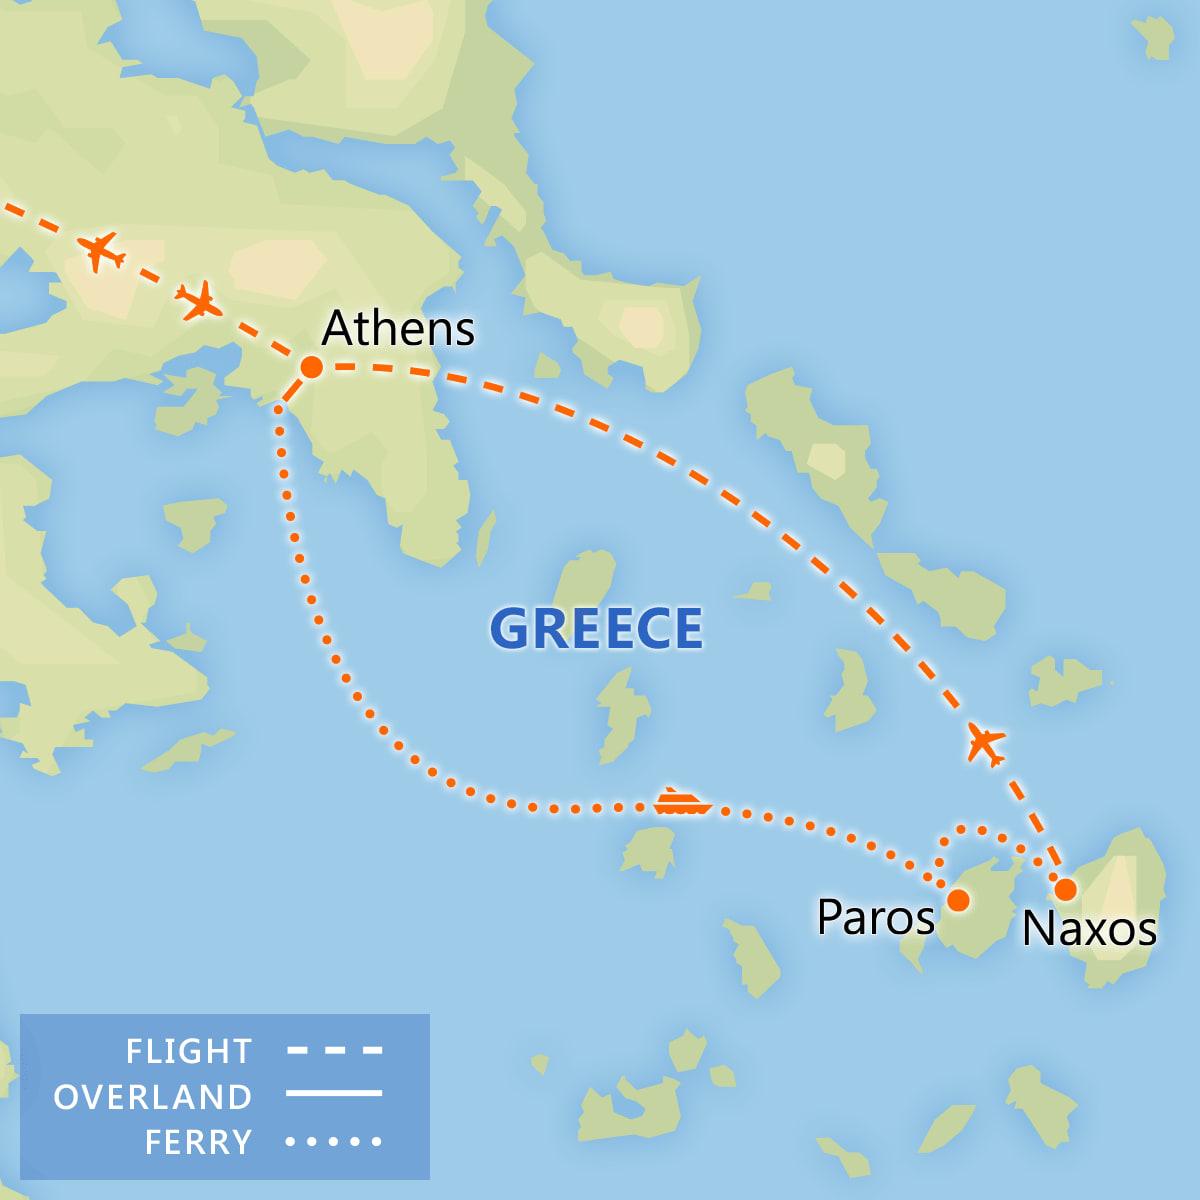 Athens, Paros & Naxos Adventure map